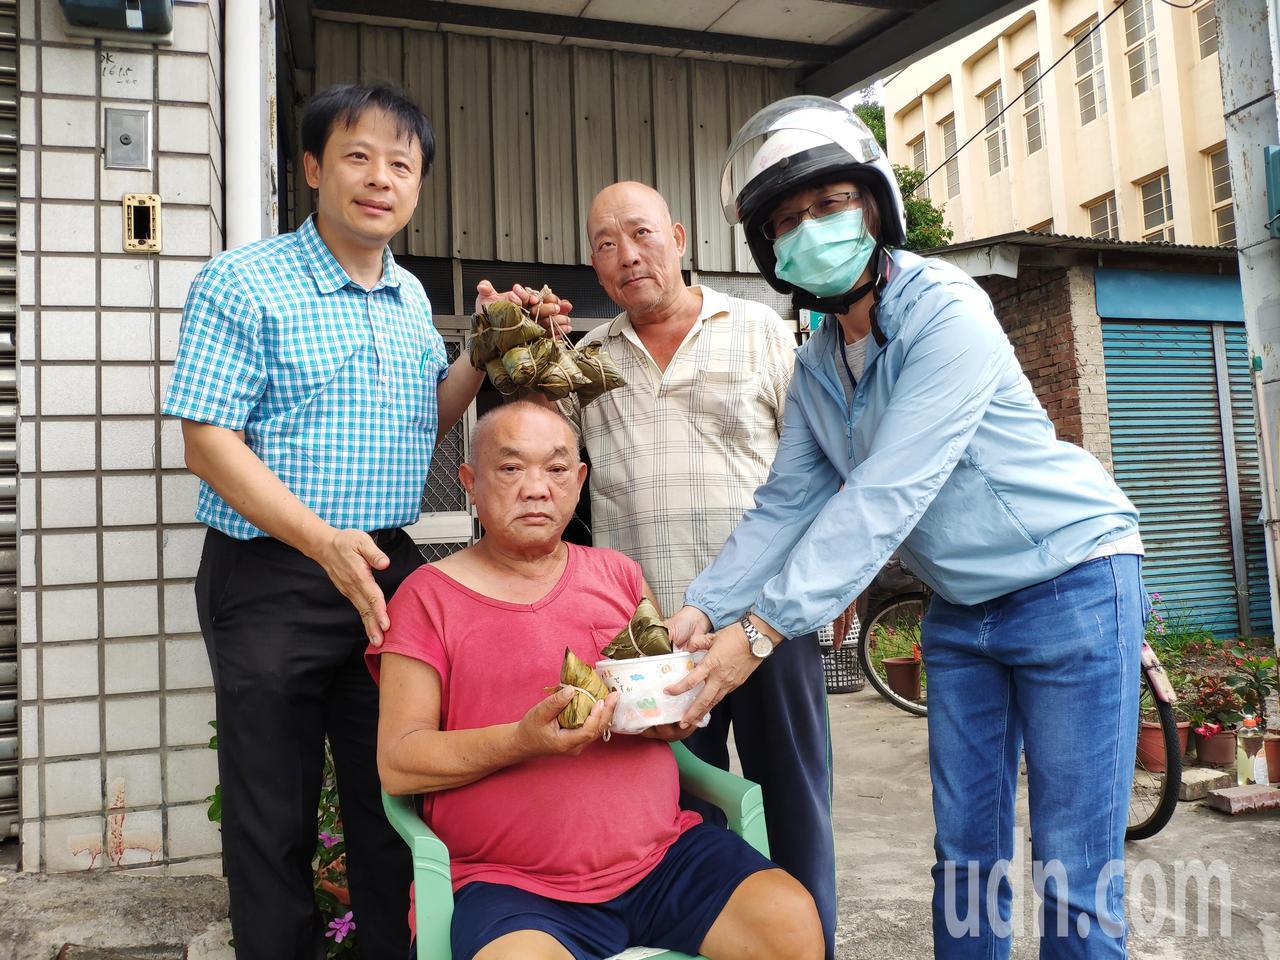 端午節近,台南市蓮心園基金會將善心者捐贈的粽子,分送到獨居老人的家。記者謝進盛/攝影謝進盛/攝影